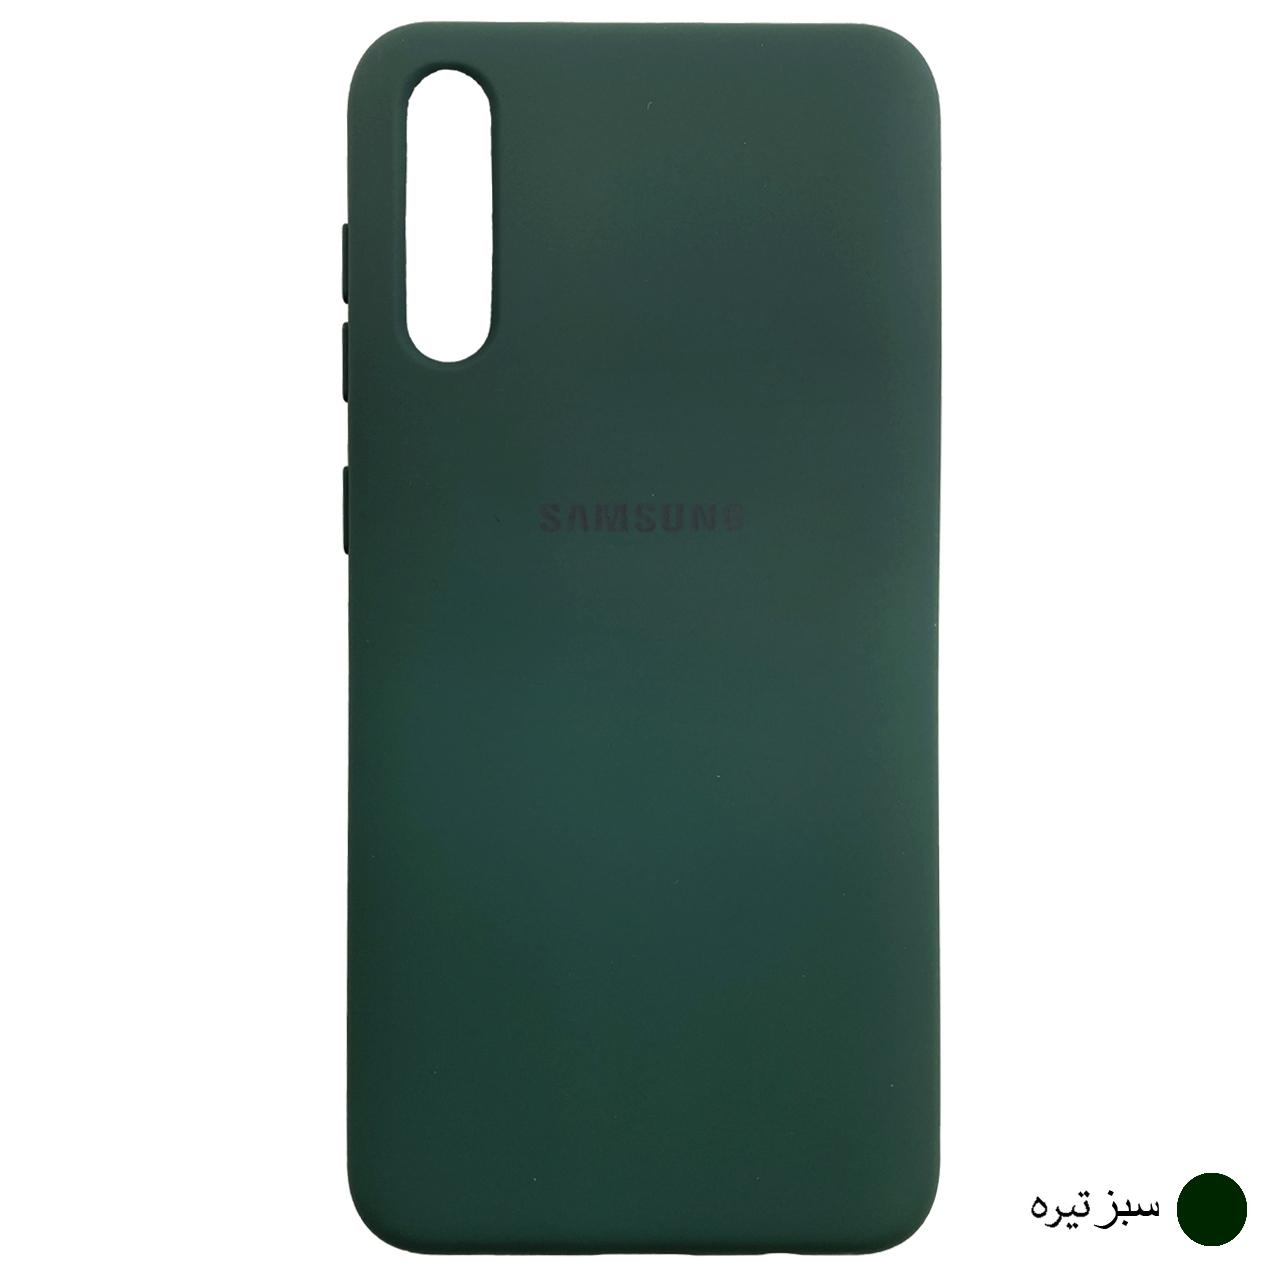 کاور مدل SCN مناسب برای گوشی موبایل سامسونگ Galaxy A50 / A50s / A30s main 1 7